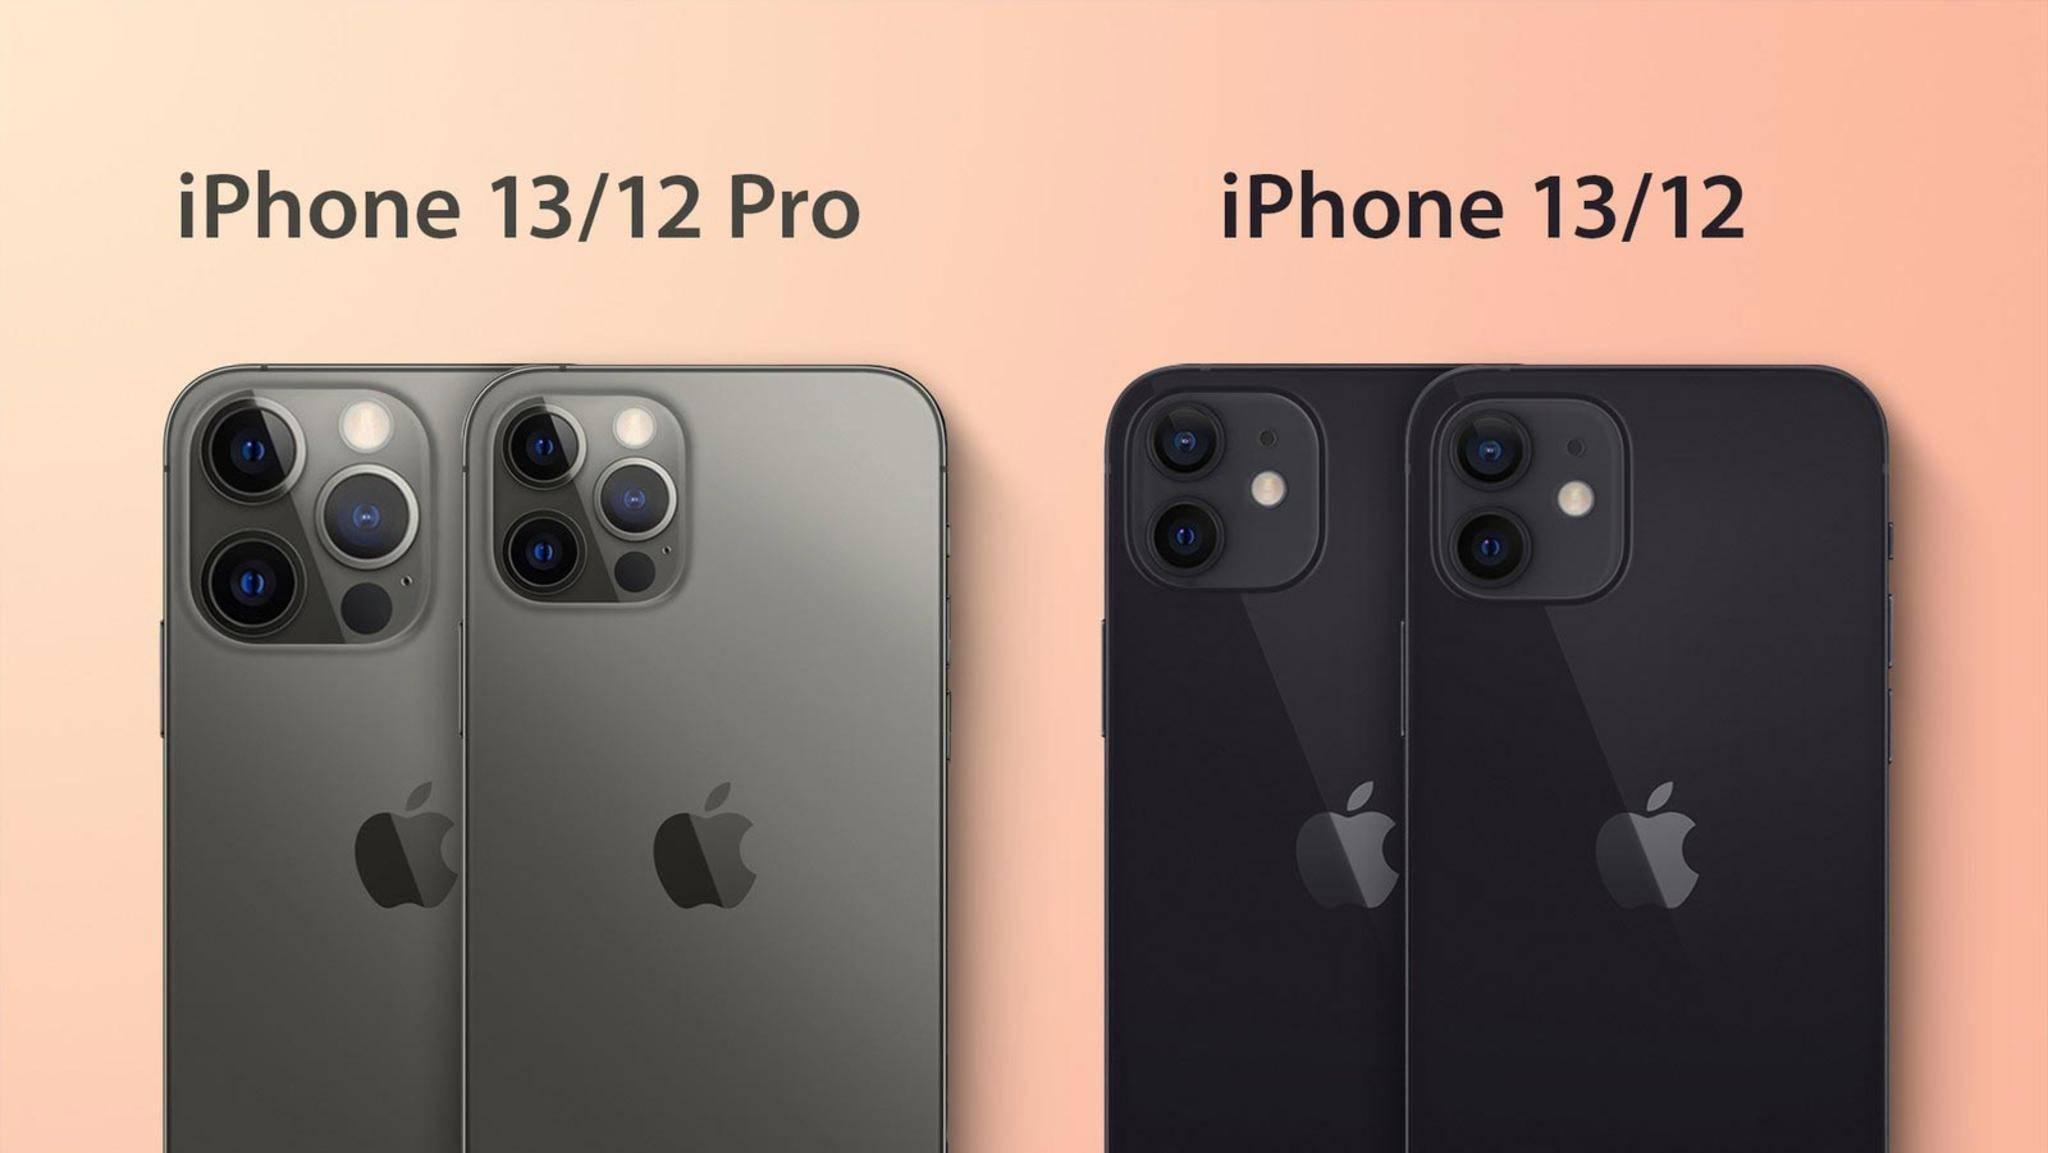 Mehr Features, größerer Kamera-Buckel? Beim iPhone 13 dürfte die Kamera jedenfalls deutlich wuchtiger werden.